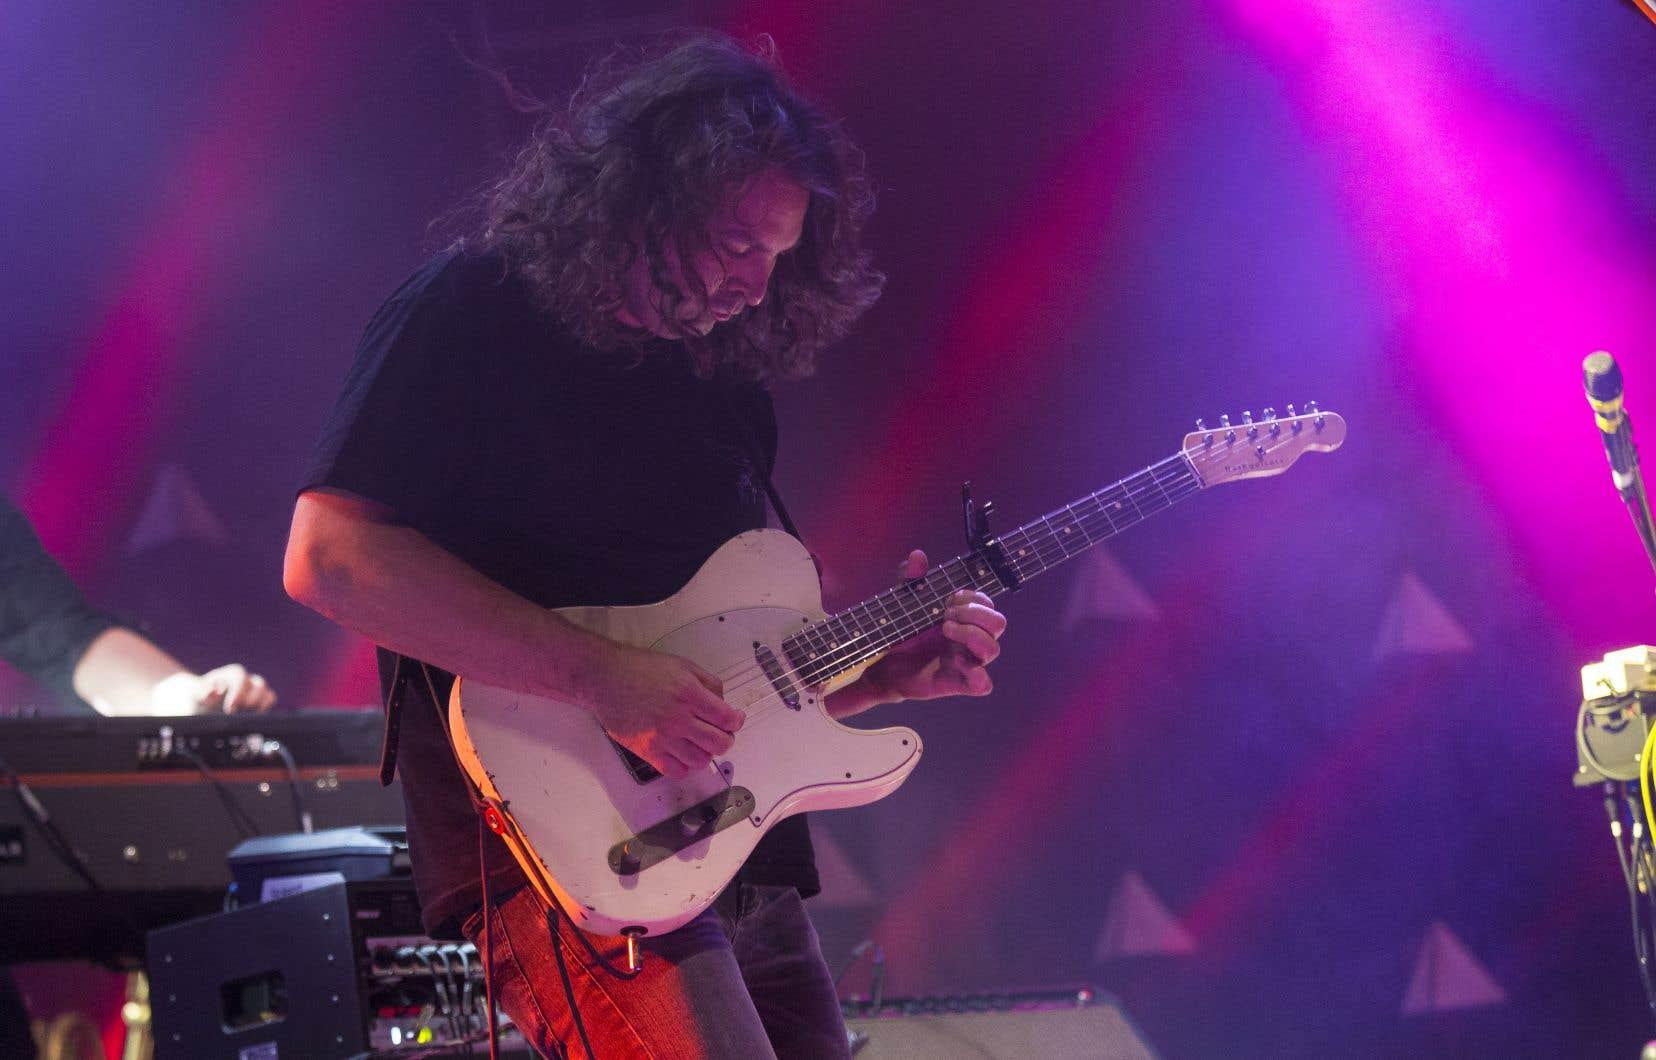 Avec le groupe The War on Drugs, les spectateurs ont eu droit à de la chanson rock de tradition américaine dans toute sa grandeur. Sur la photo,le chanteur et guitariste Adam Granduciel